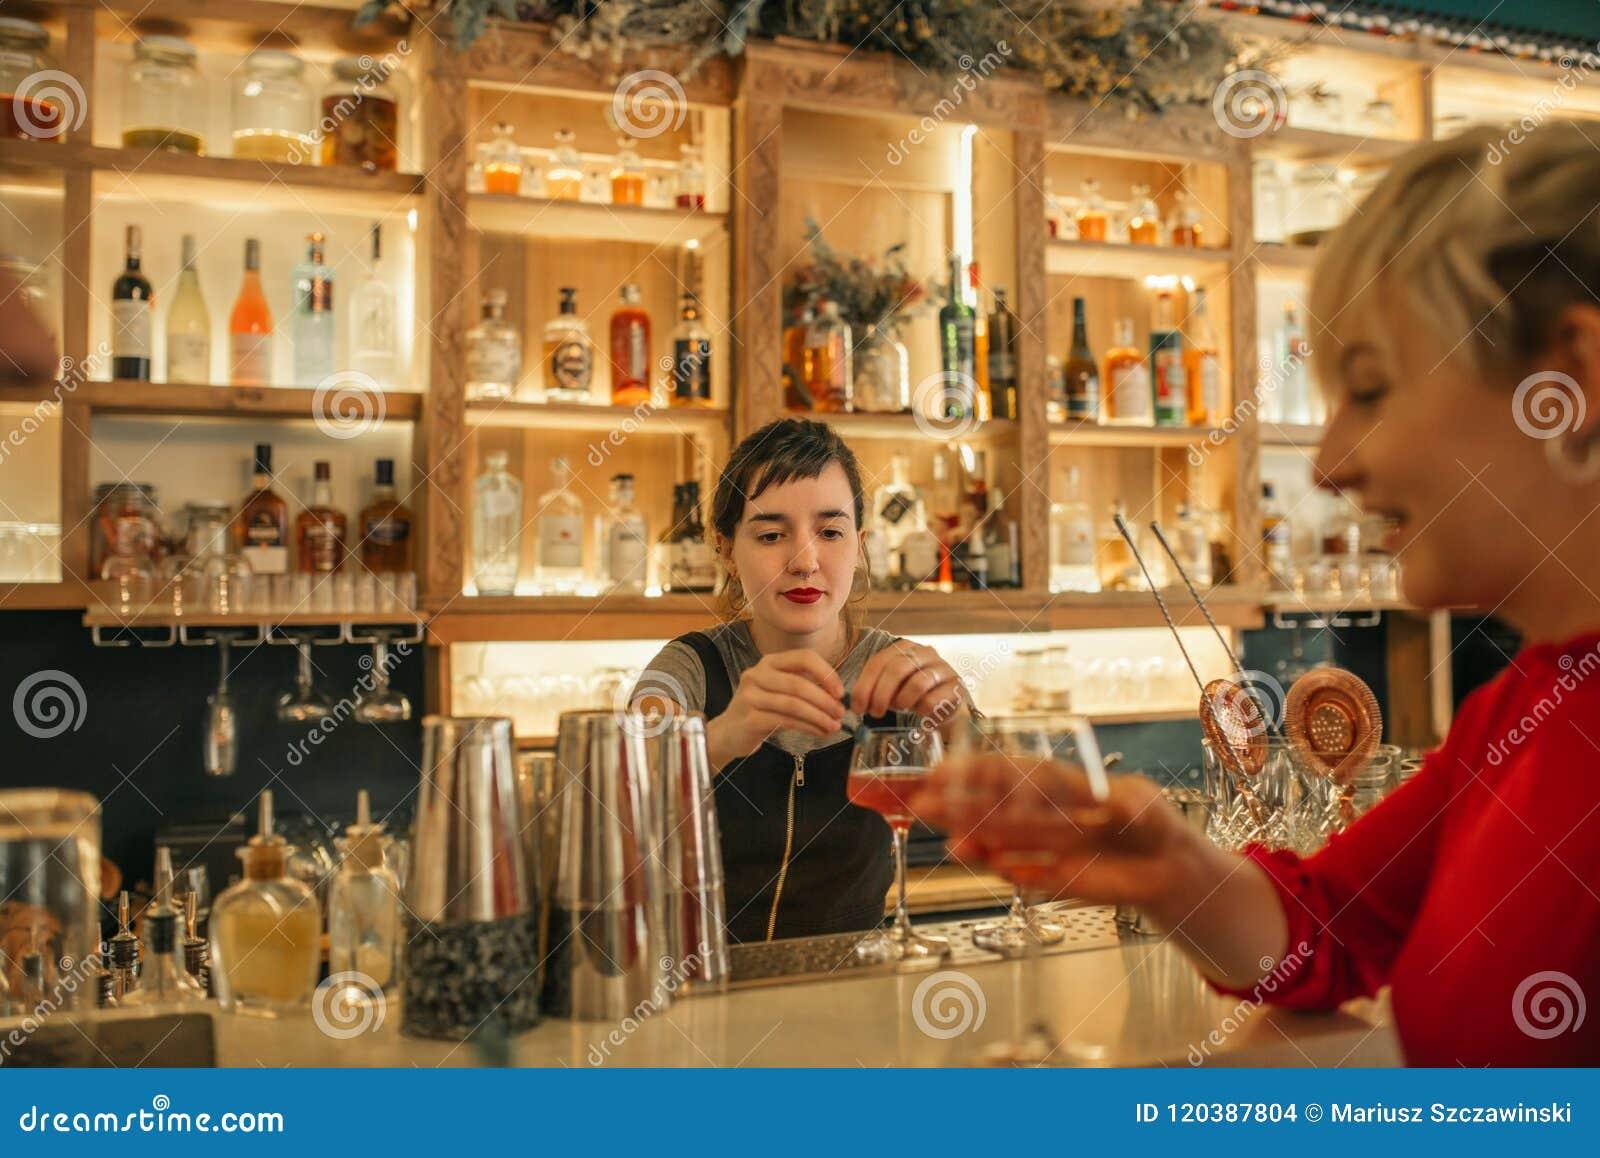 Camarero de sexo femenino joven que hace los cócteles detrás de un contador de la barra